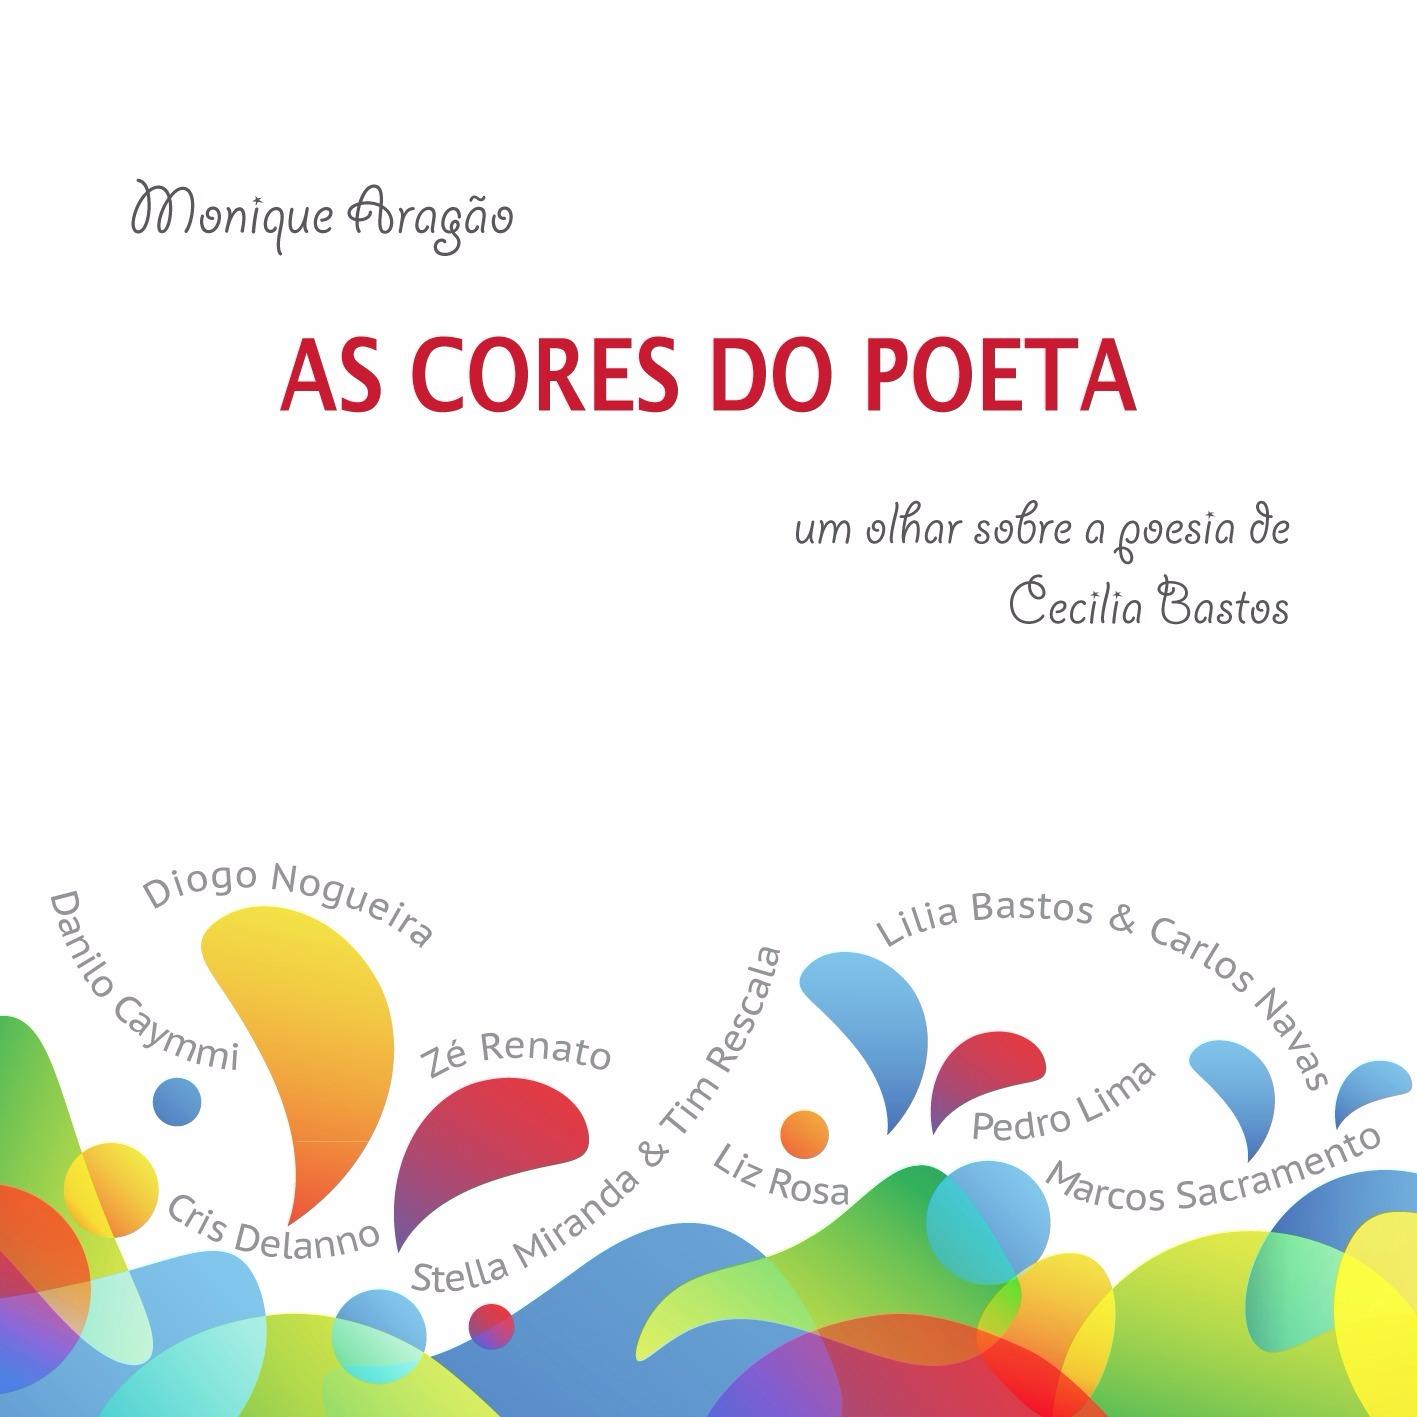 Poetisa carioca de 103 anos tem obra musicada por Monique Aragão e gravada  por 10 grandes da MPB.